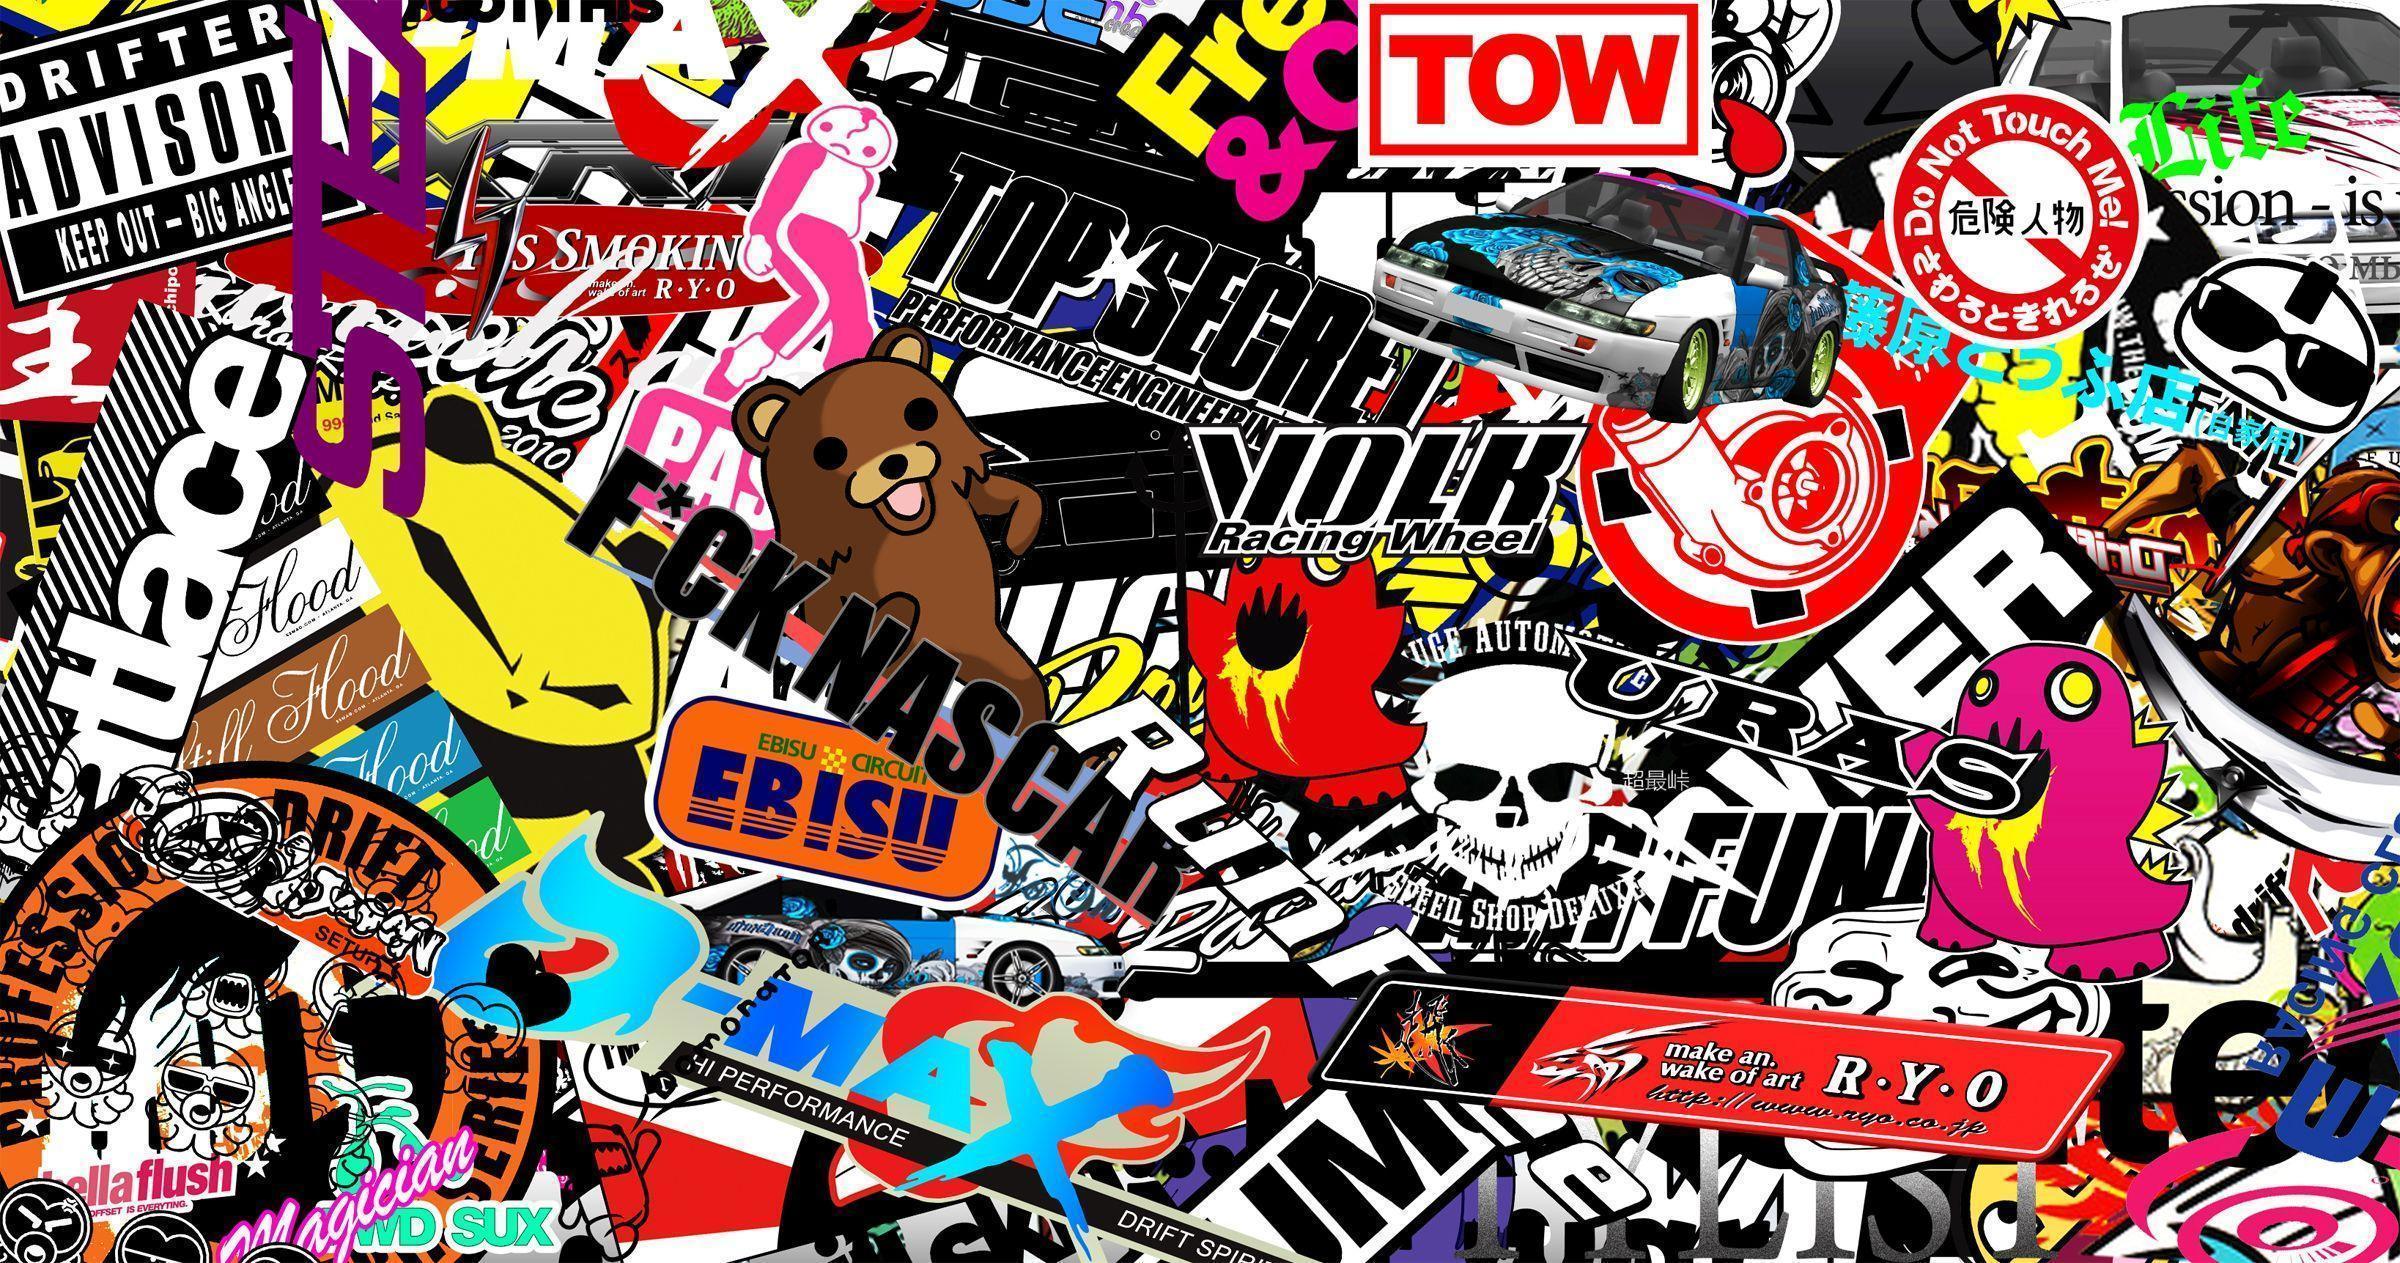 Jdm sticker wallpaper hd image 345